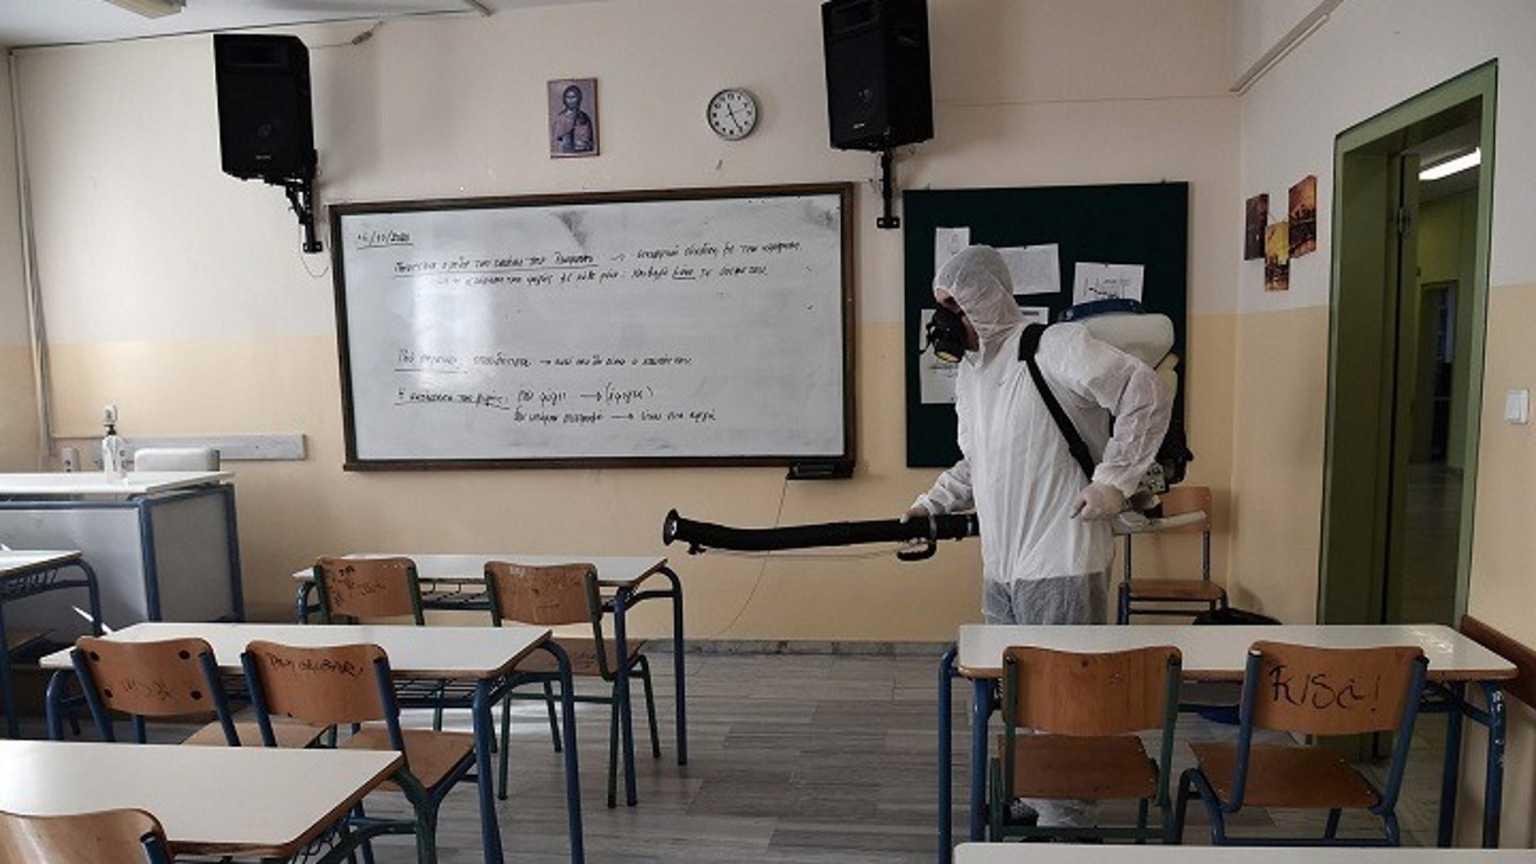 Αναστολή λειτουργίας όλων των σχολείων του Δήμου Ηρακλείου